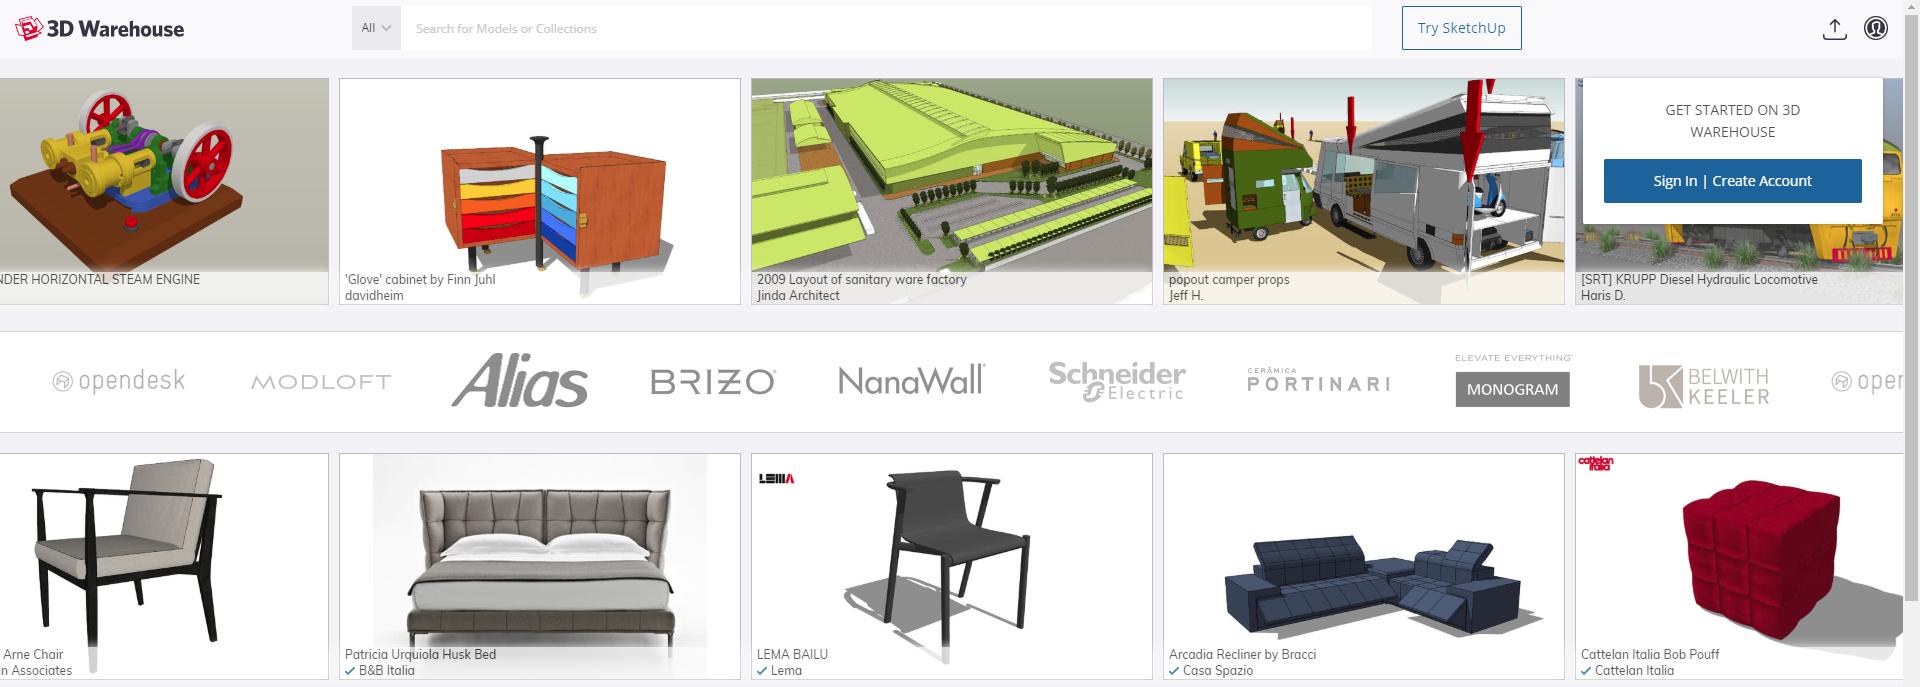 Acum: Descărcarea din 3D Warehouse posibilă numai cu autentificare